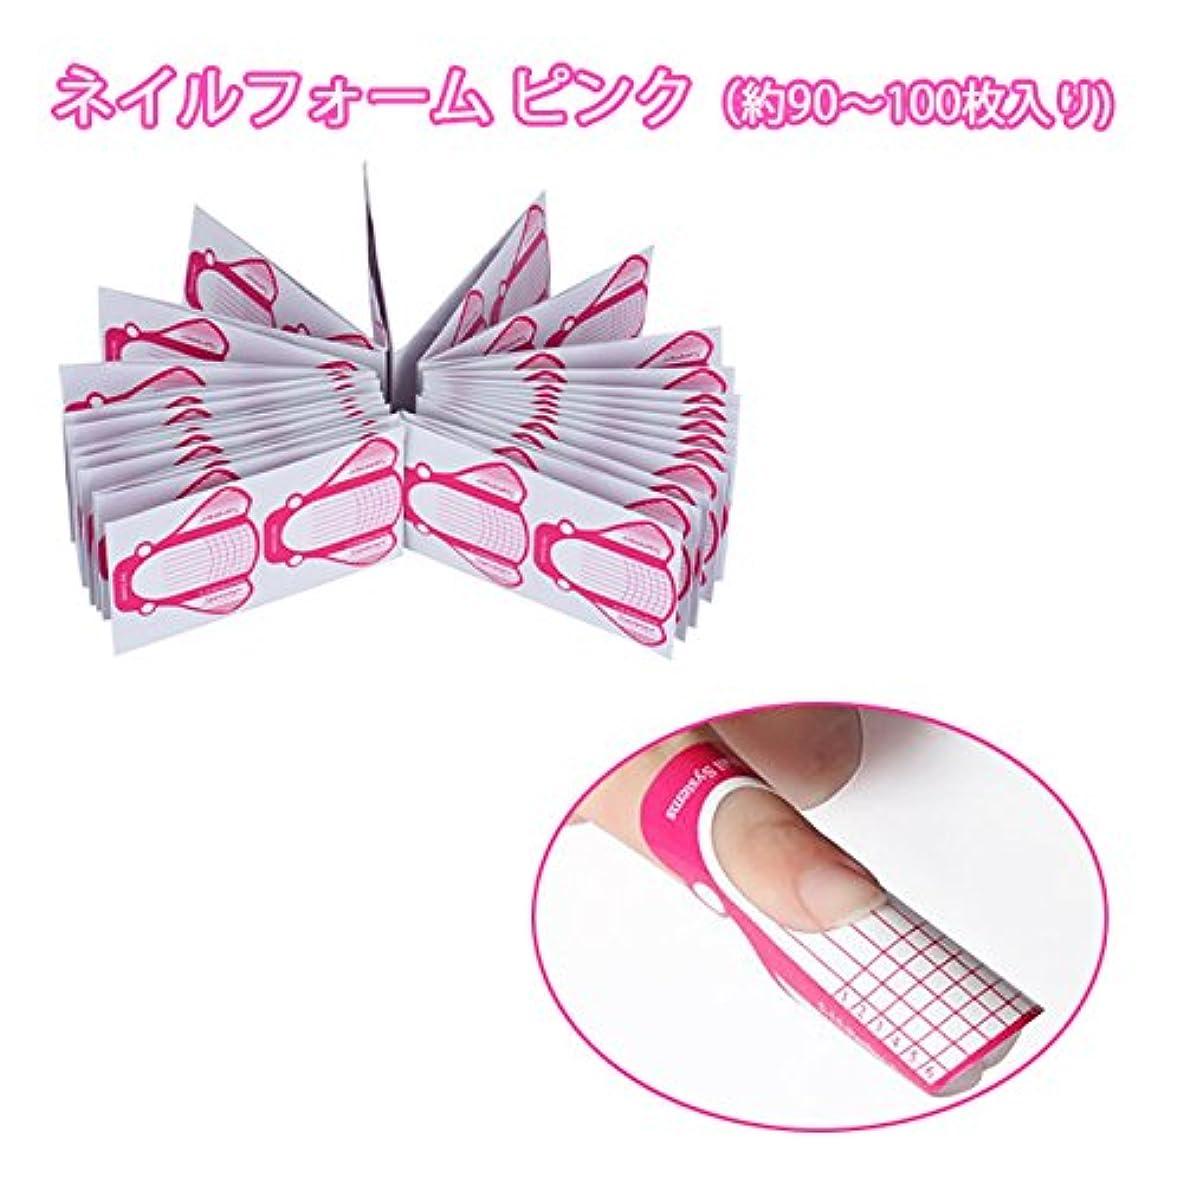 ギャザー店主群集ネイルフォーム ピンク(約90~100枚入り)